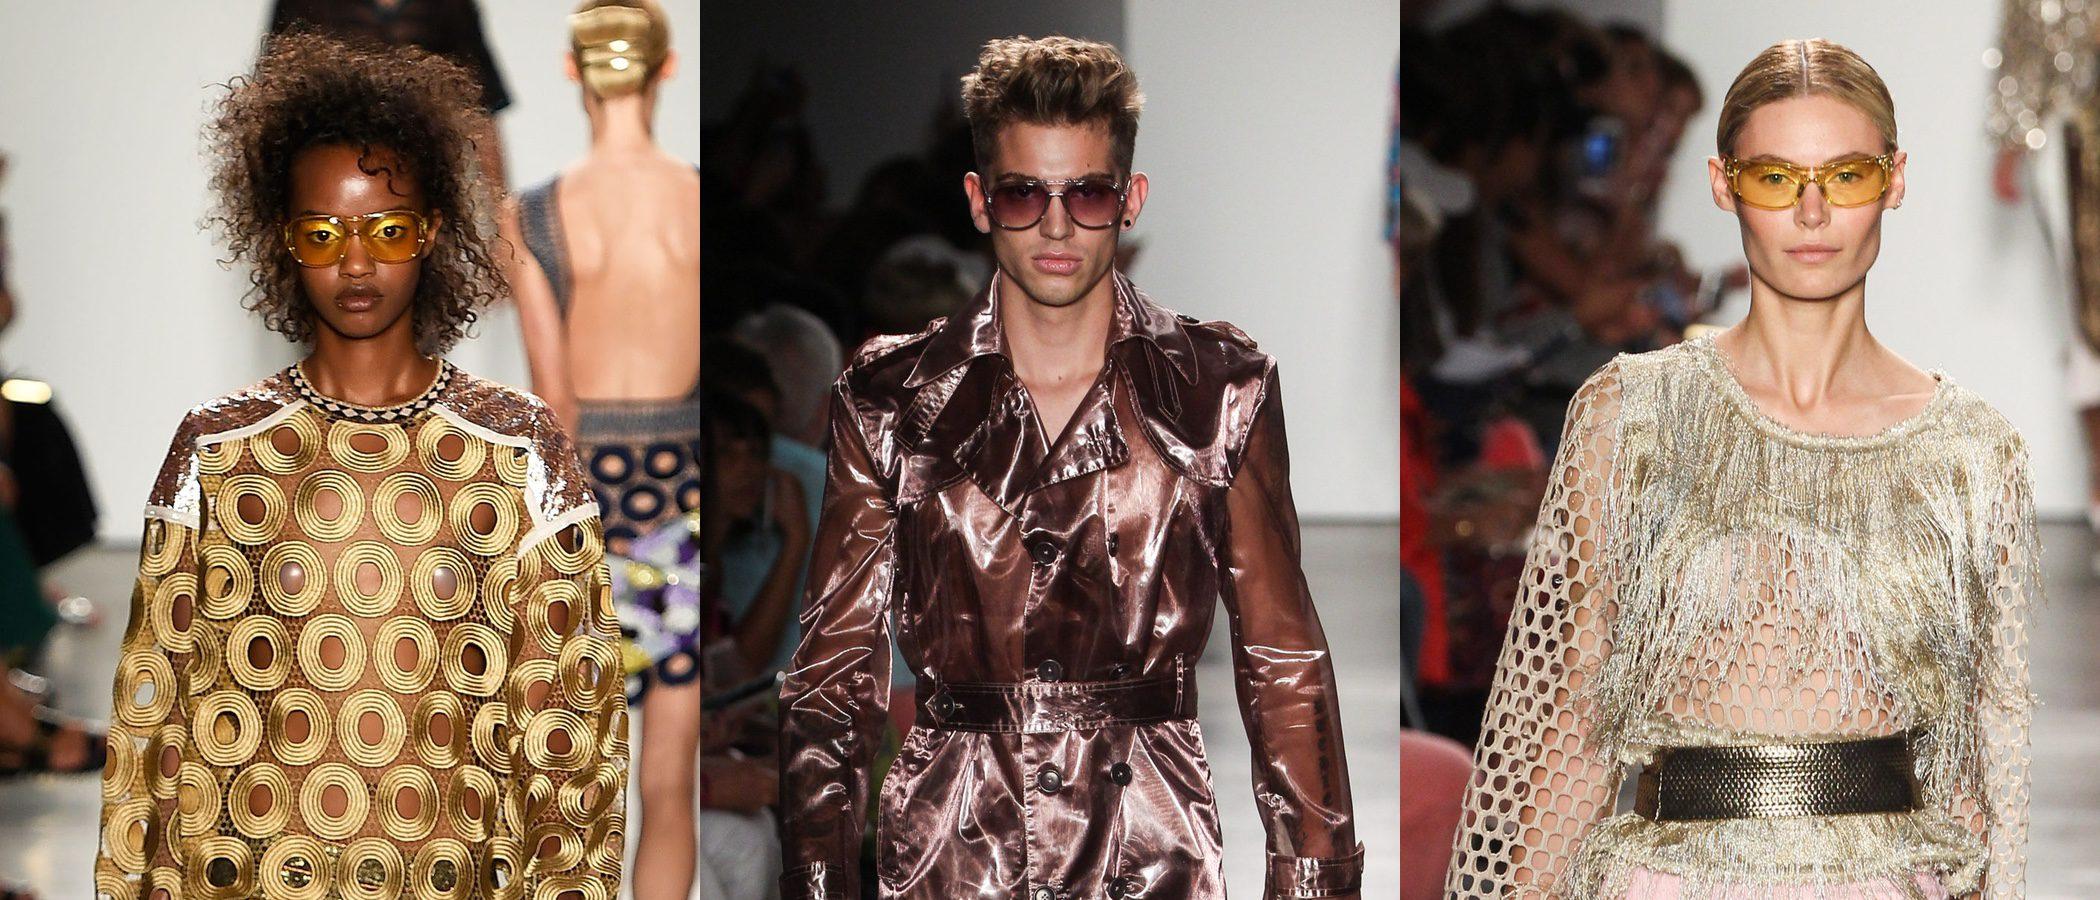 Custo Barcelona sube a la Nueva York Fashion Week una primavera/verano 2017 muy variopinta